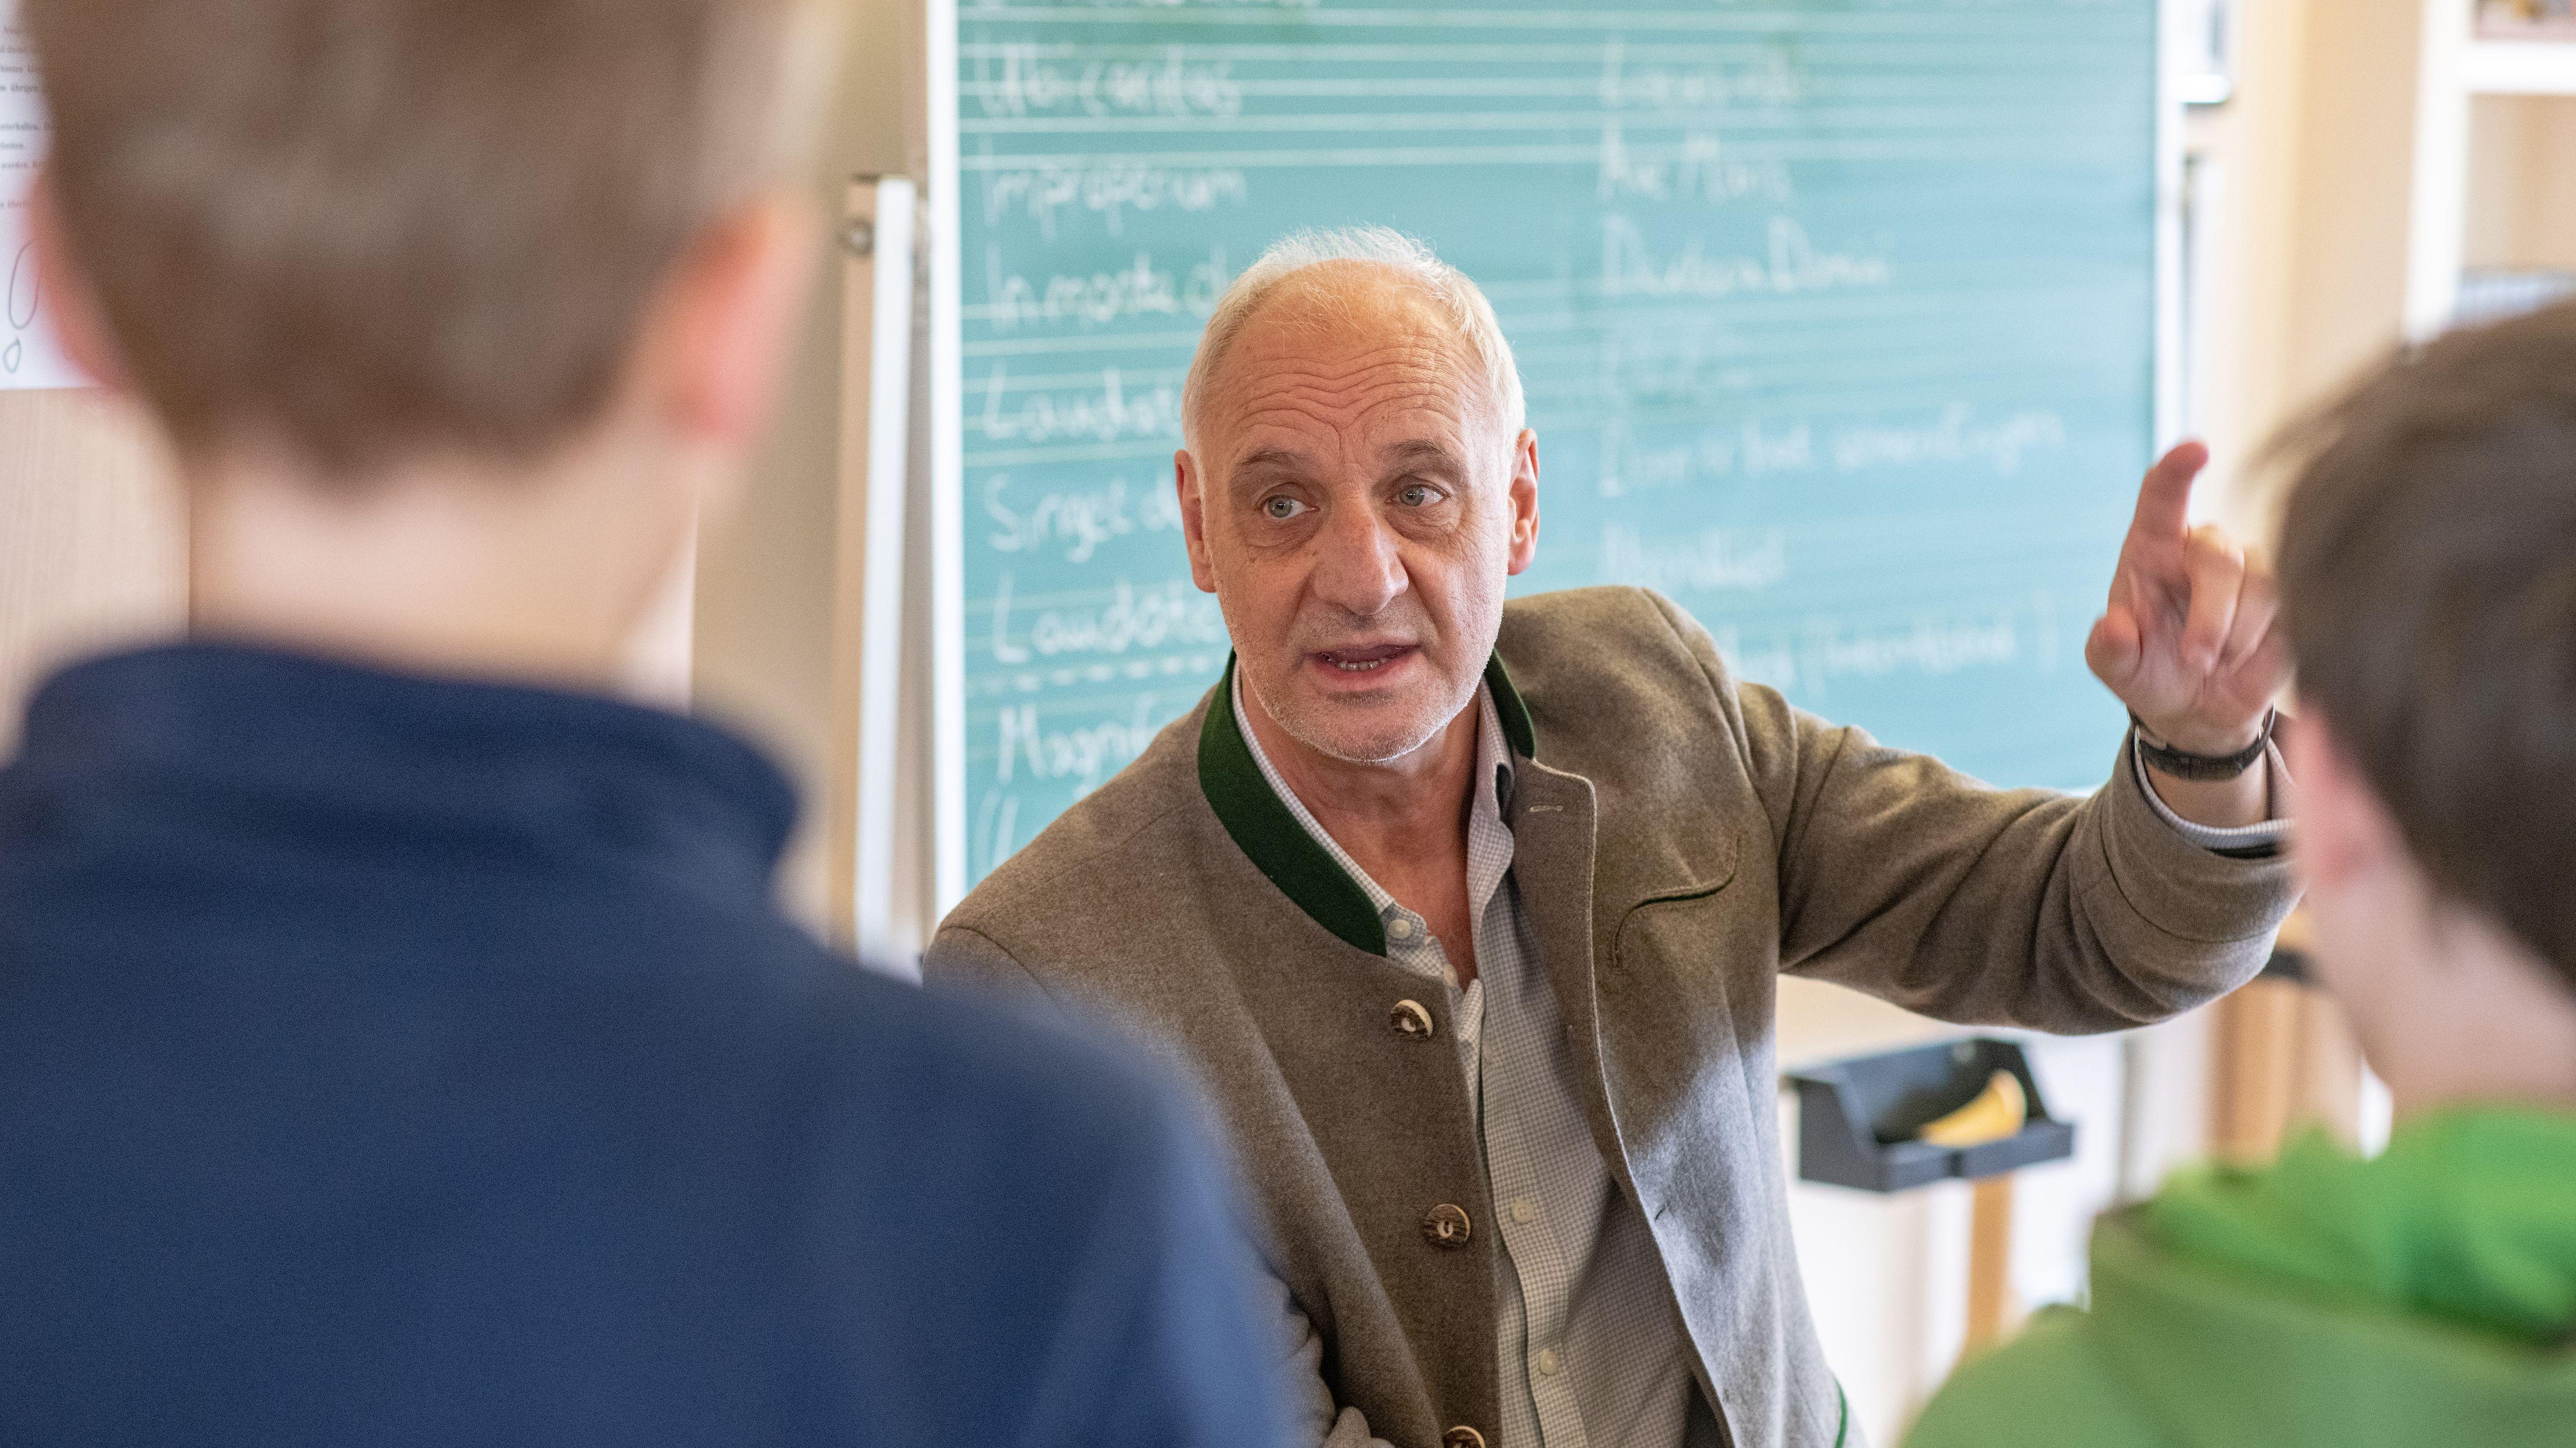 Roland Büchner, Leiter der Regensburger Domspatzen bei einer Übung mit Schülern.